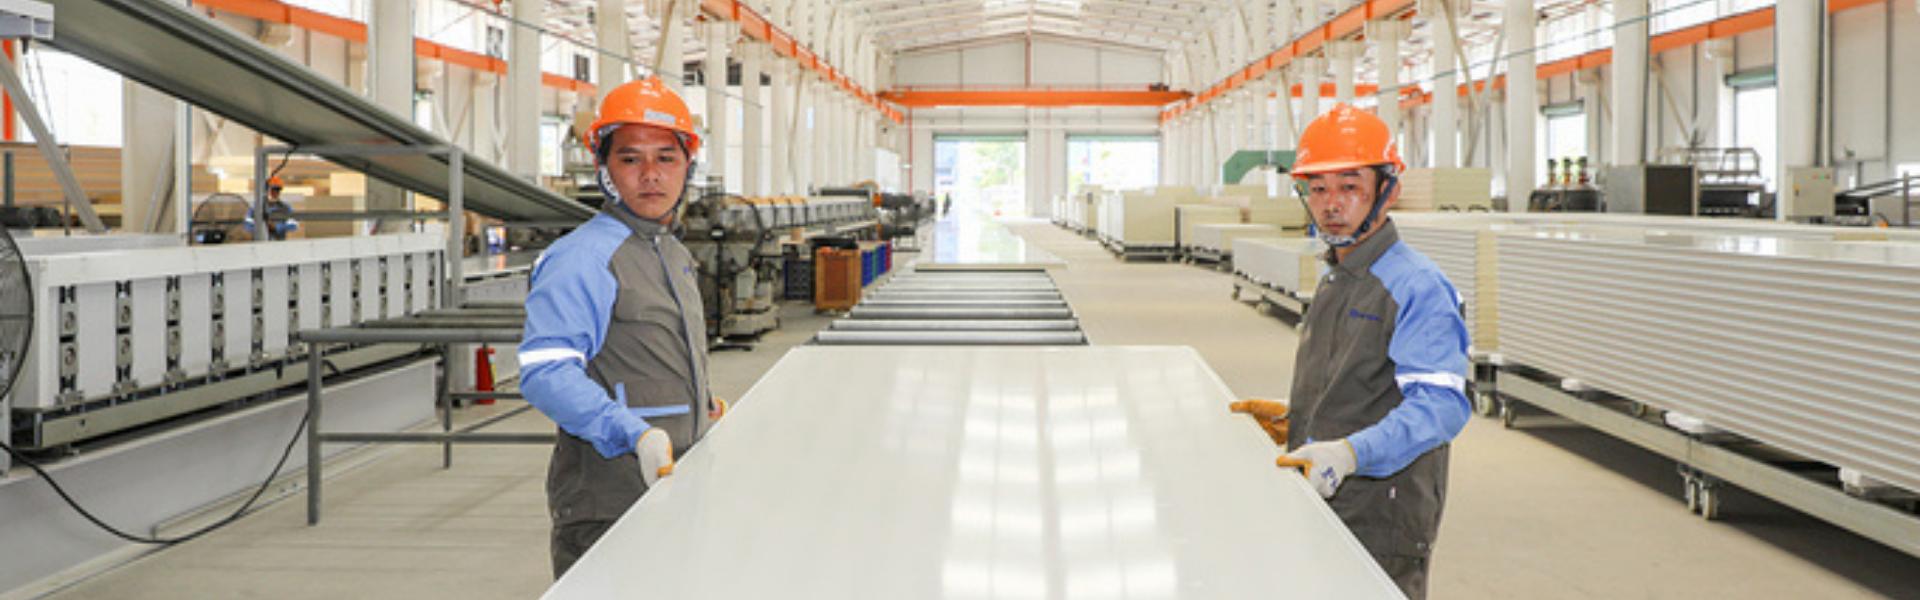 Vật liệu XANH, NHẸ - dây chuyền sản xuất HIỆN ĐẠI